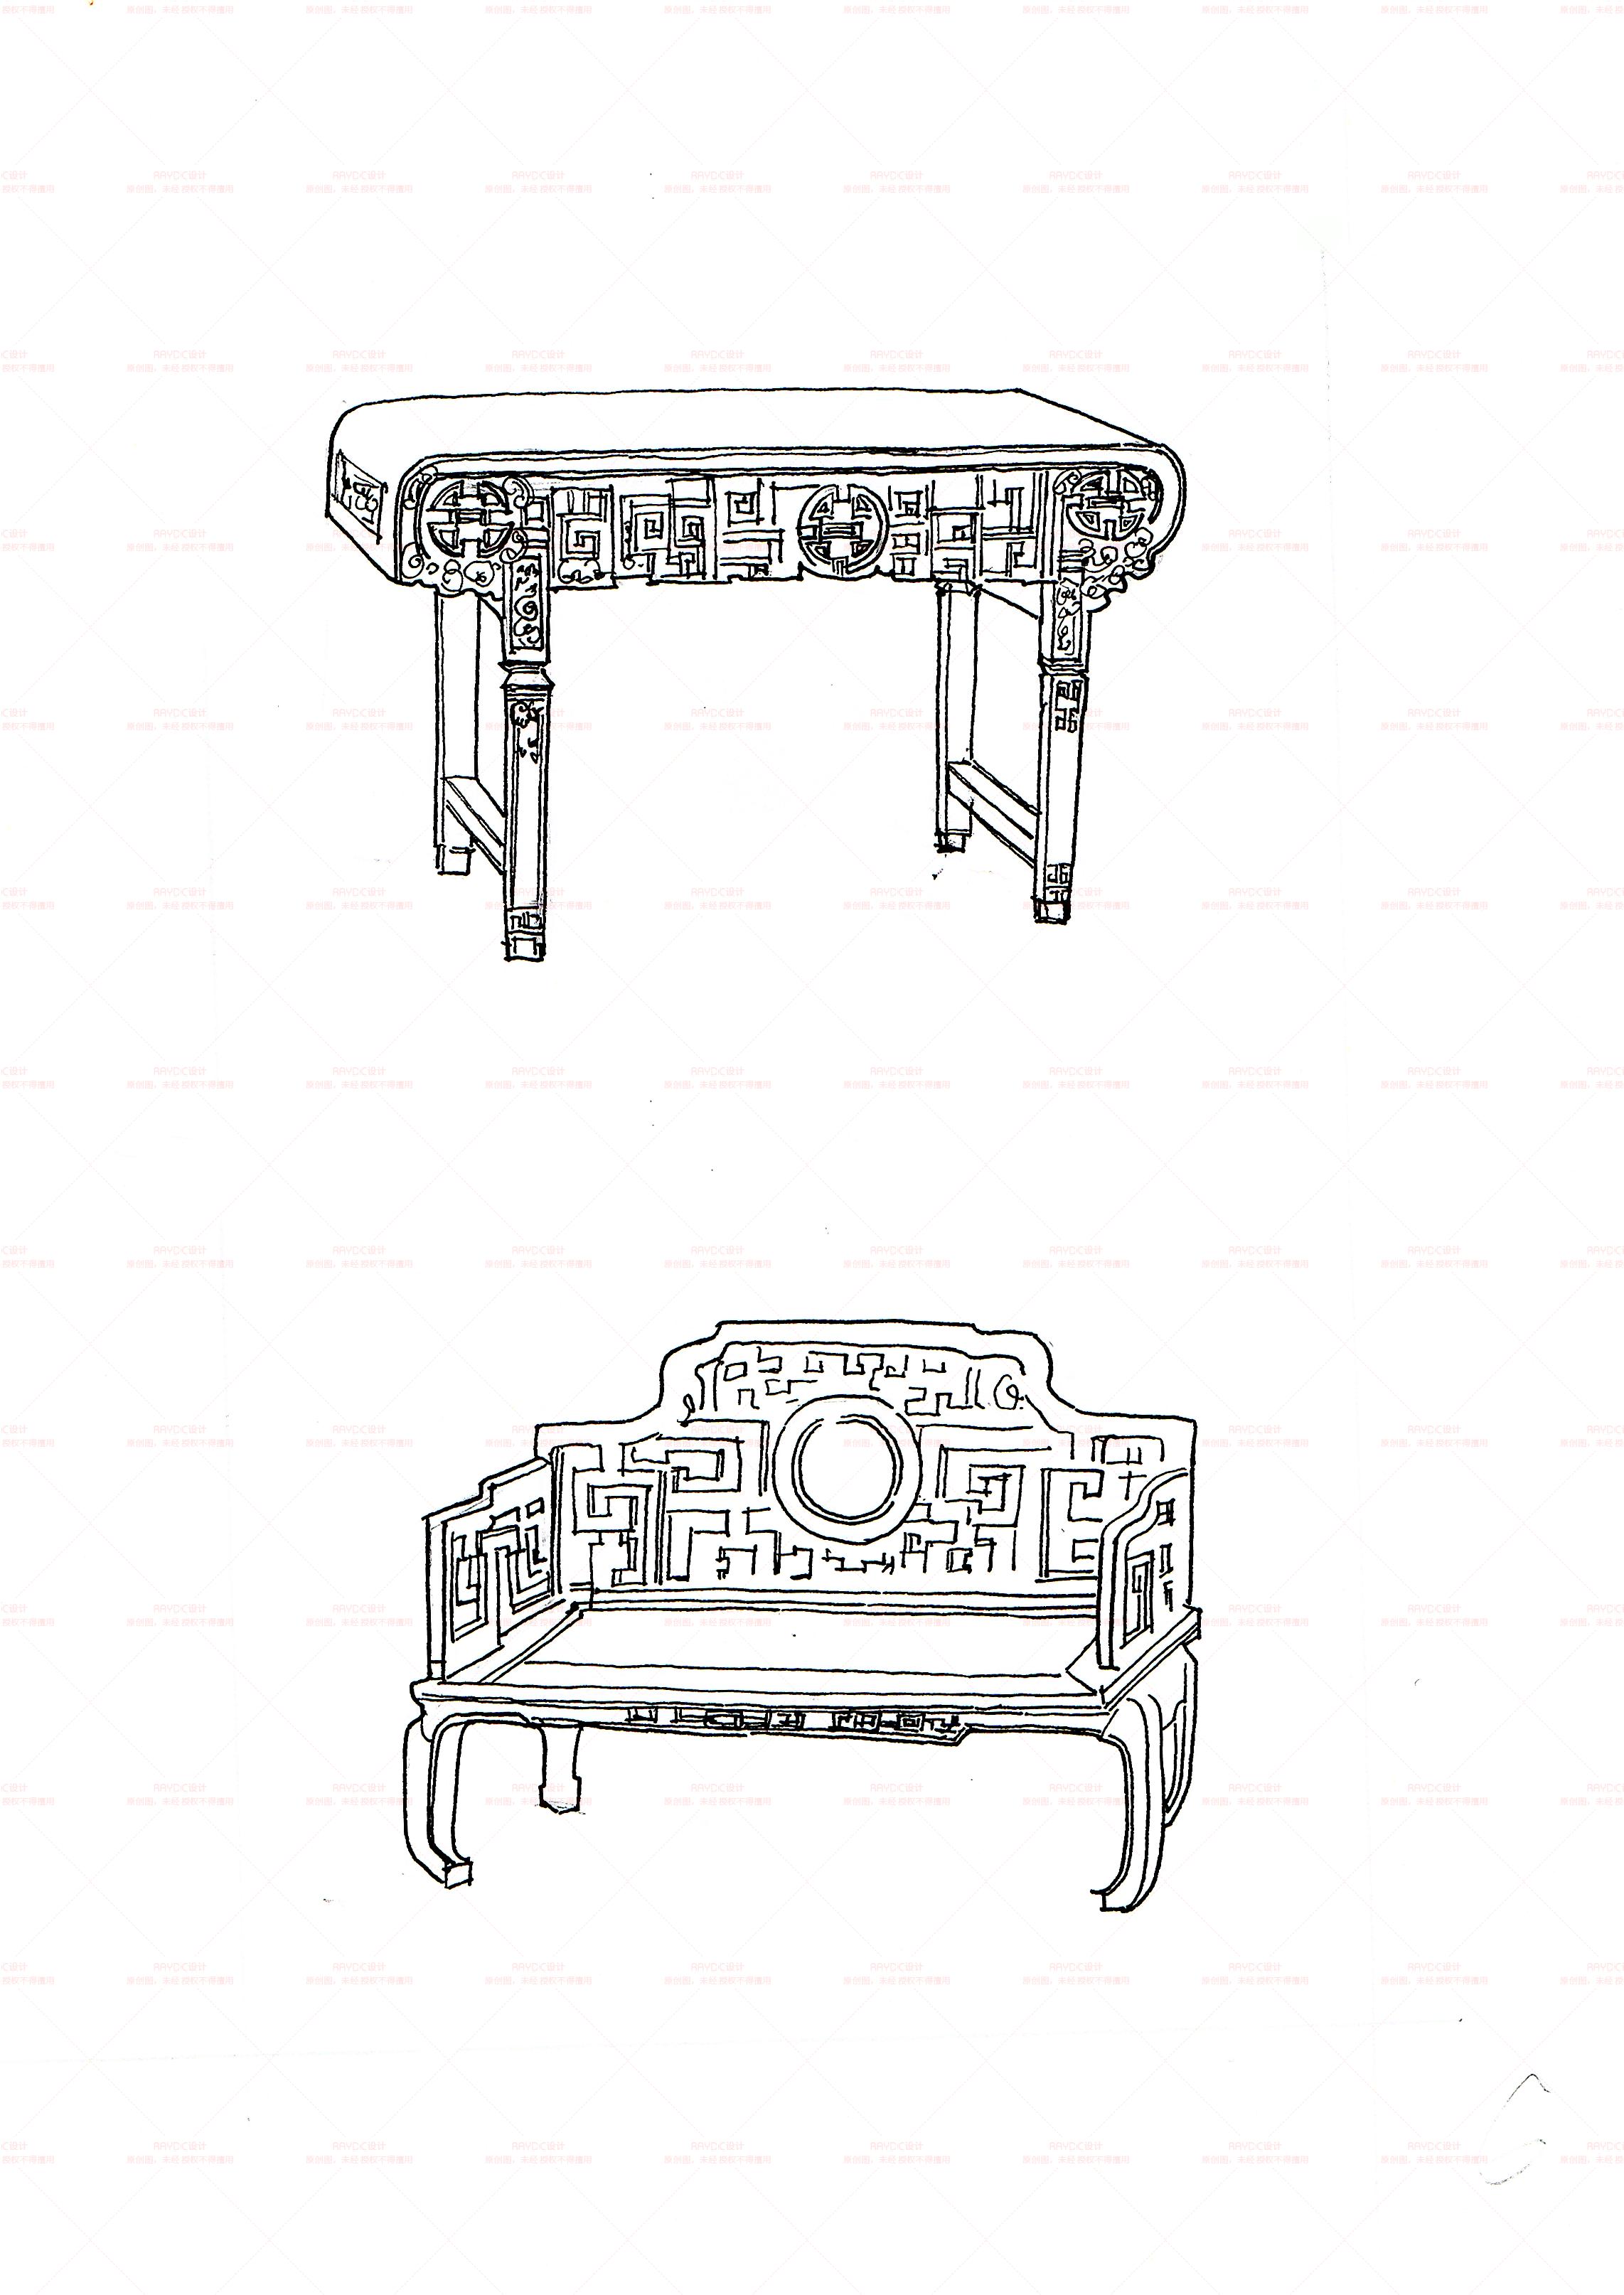 家具手绘 工业/产品 家具 pc巧克力 - 临摹作品